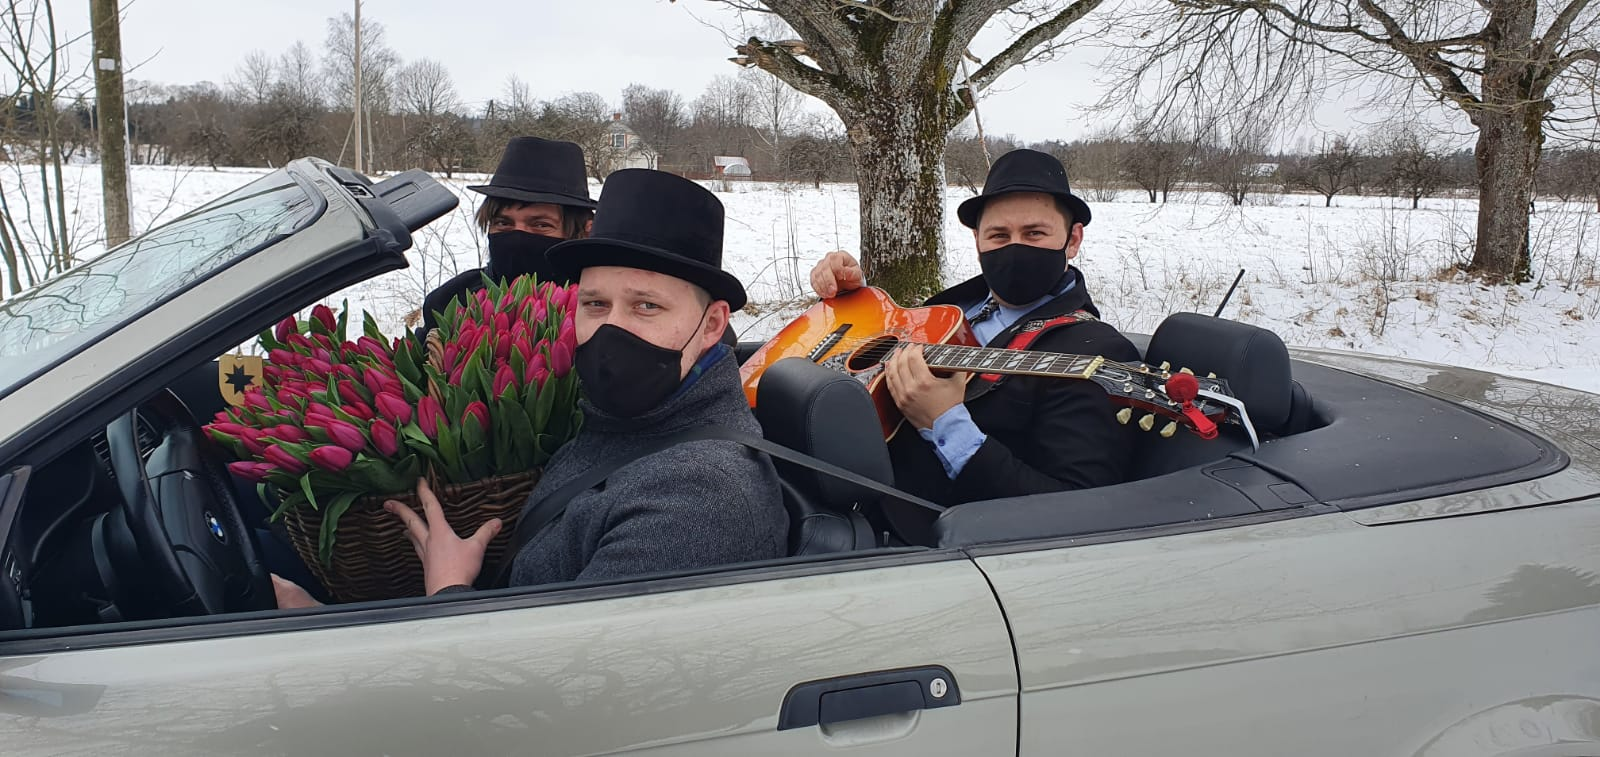 Sieviešu dienai par godu Staiceles dāmas tika iepriecinātas ar ziediem